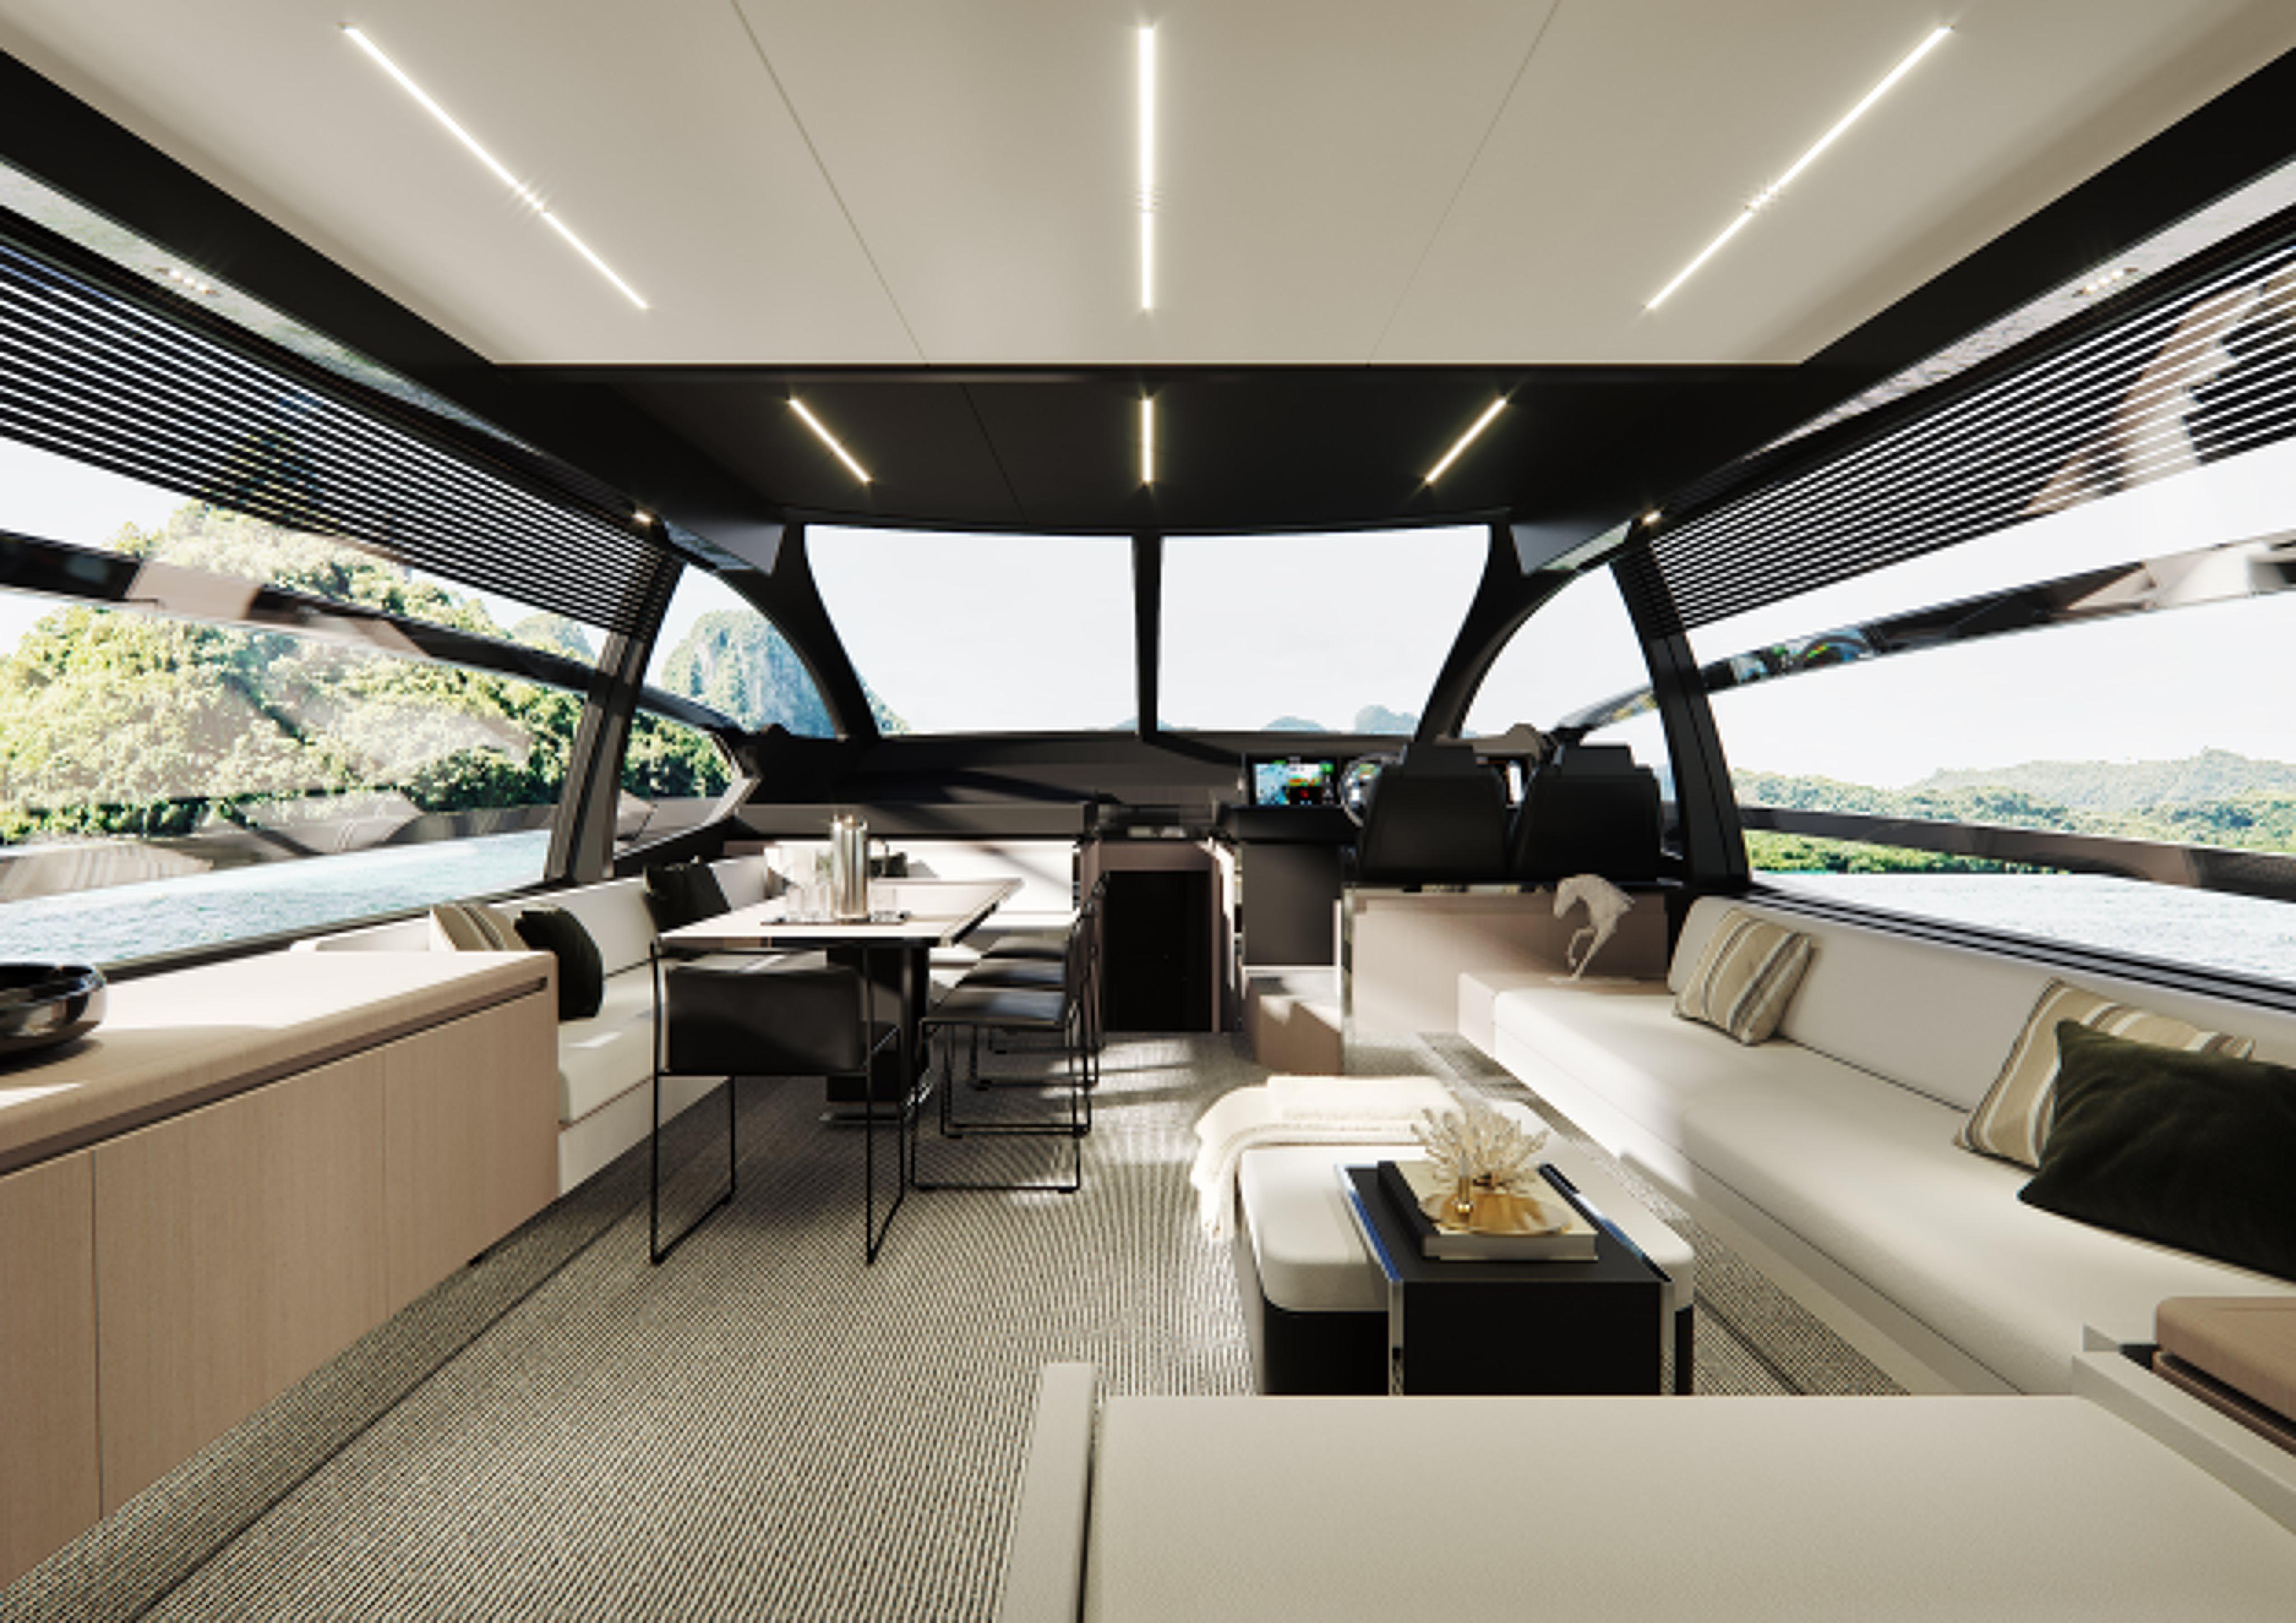 Riva 76 Perseo Super Project Interior